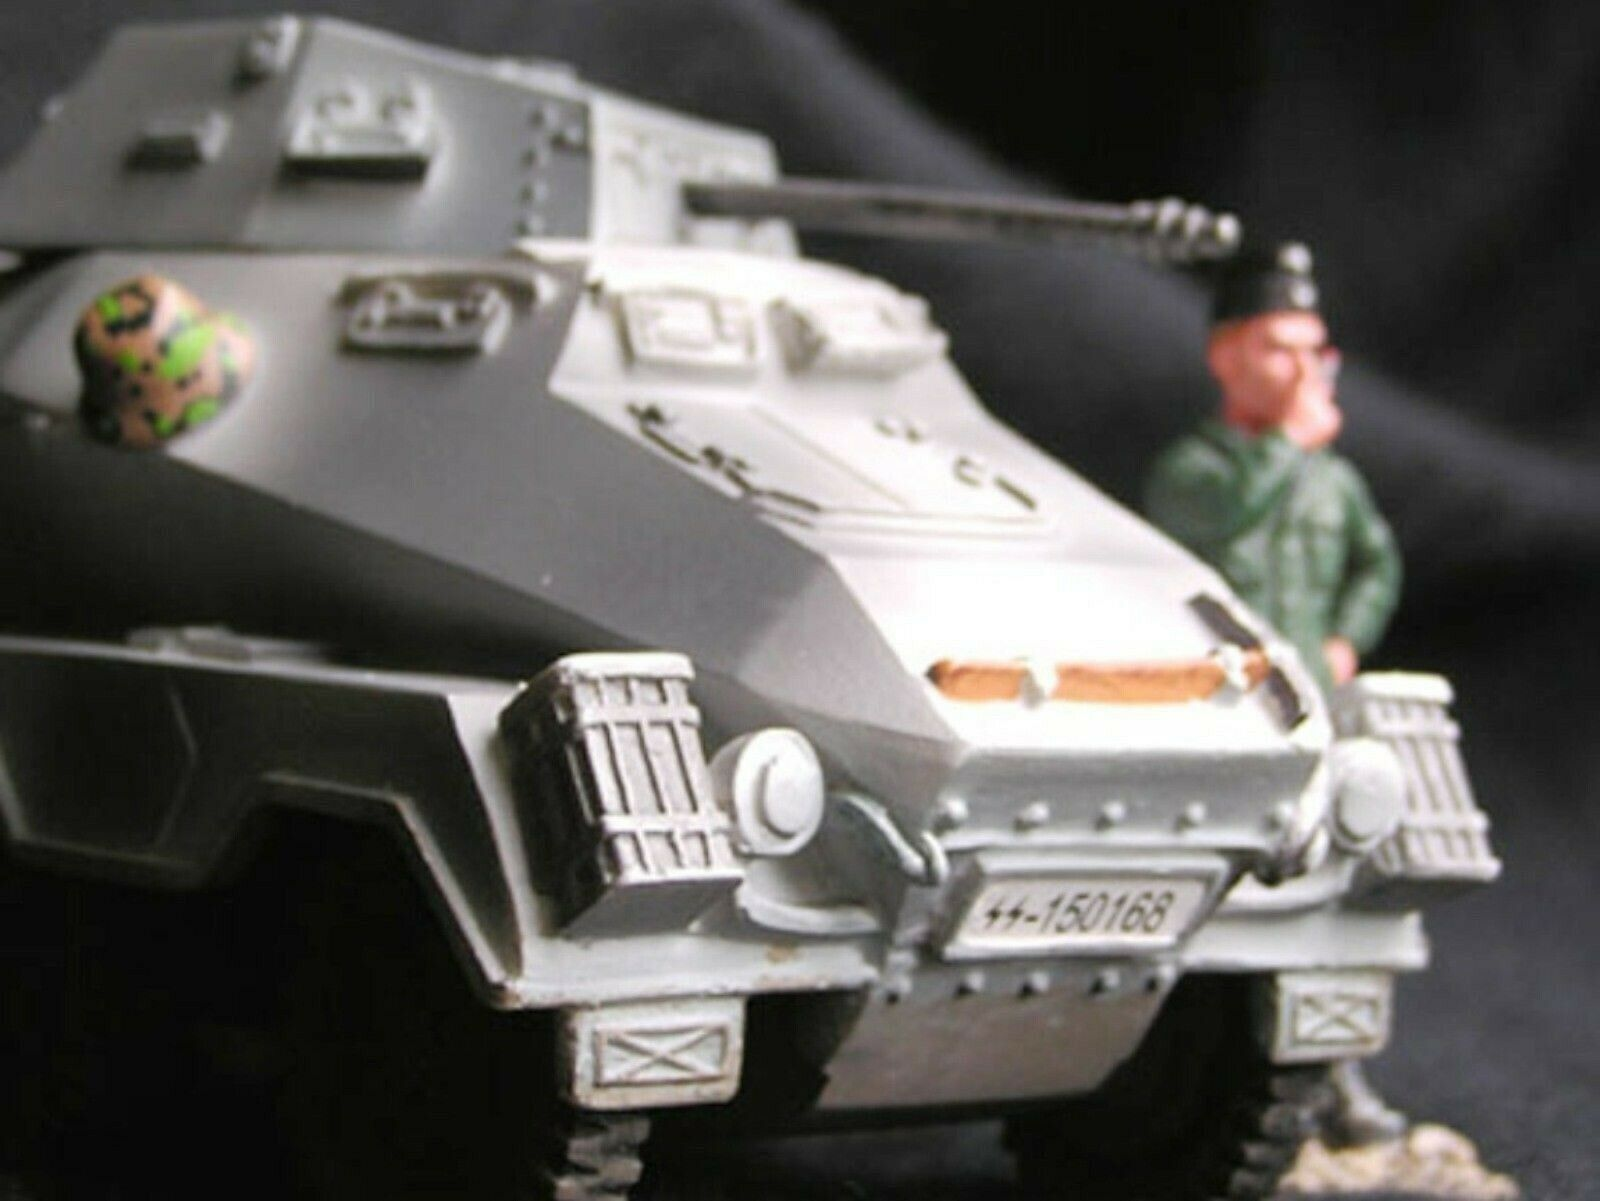 WOW EXTREMELY RARE Puma Sd. Kfz 232 8-Rad 8x4 Bulge 45 BNIB 1 30 New Model Army